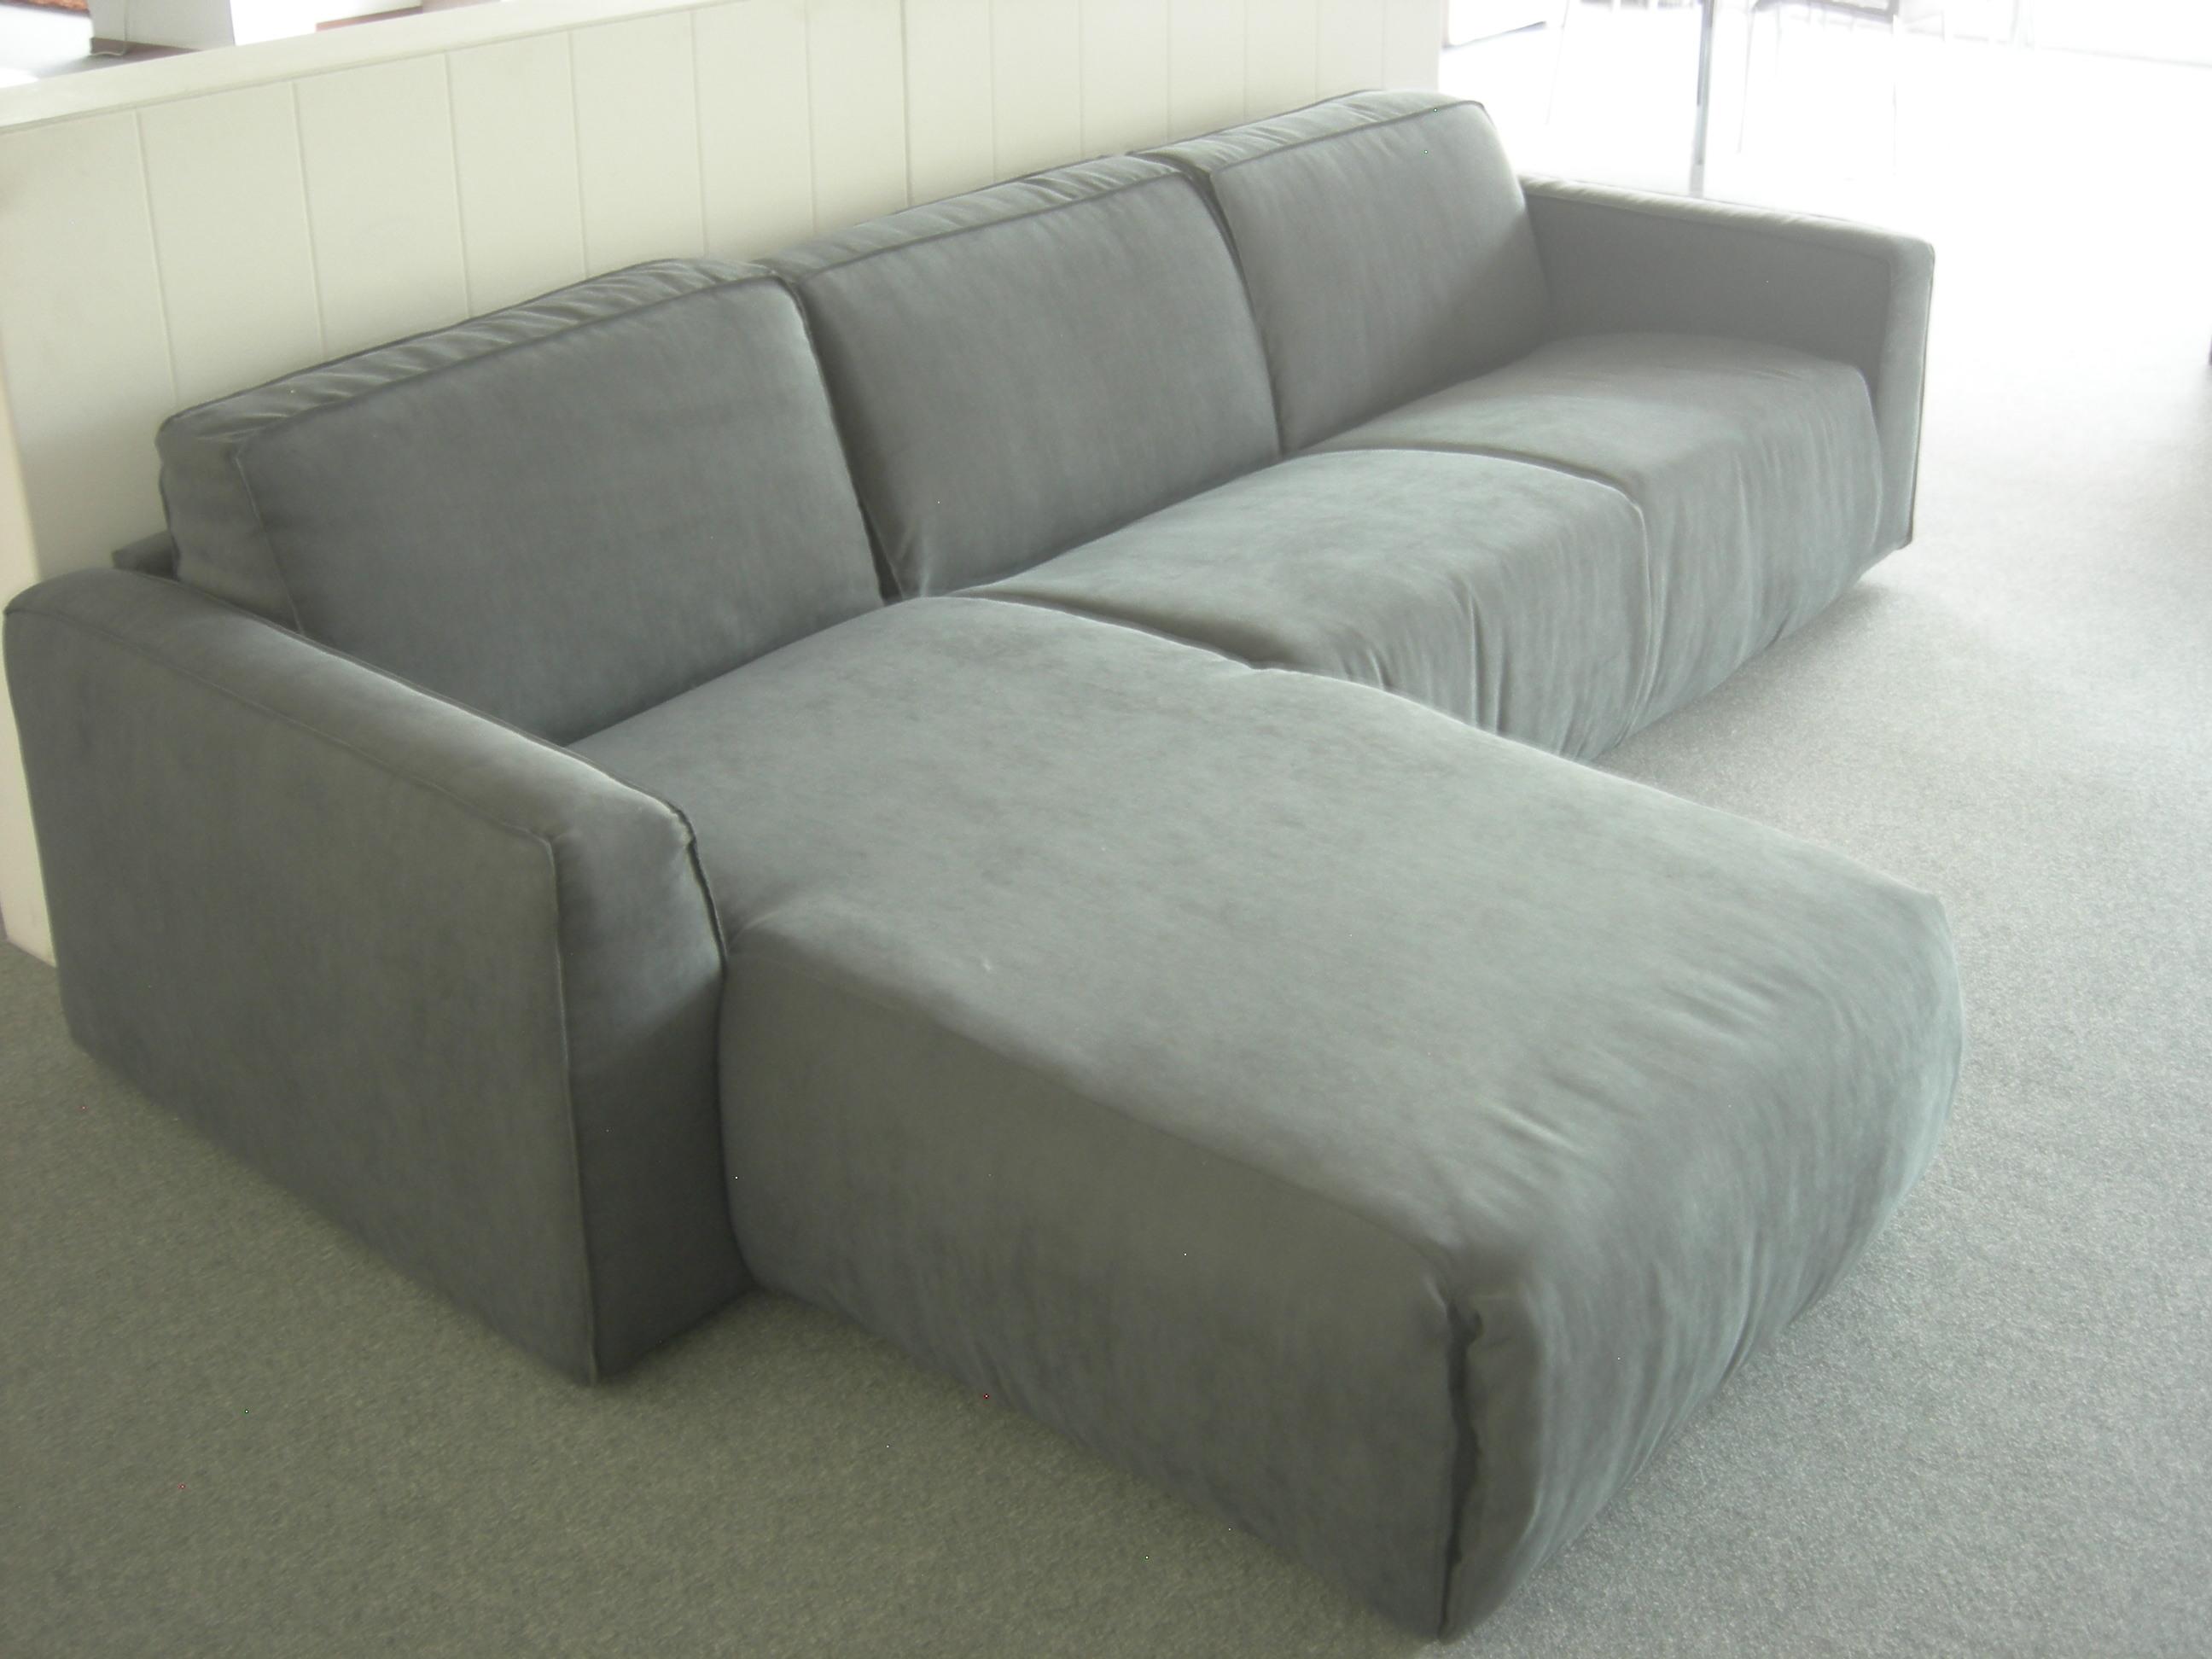 Divano letto con secondo letto estraibile mondo convenienza - Divano seduta scorrevole offerte ...